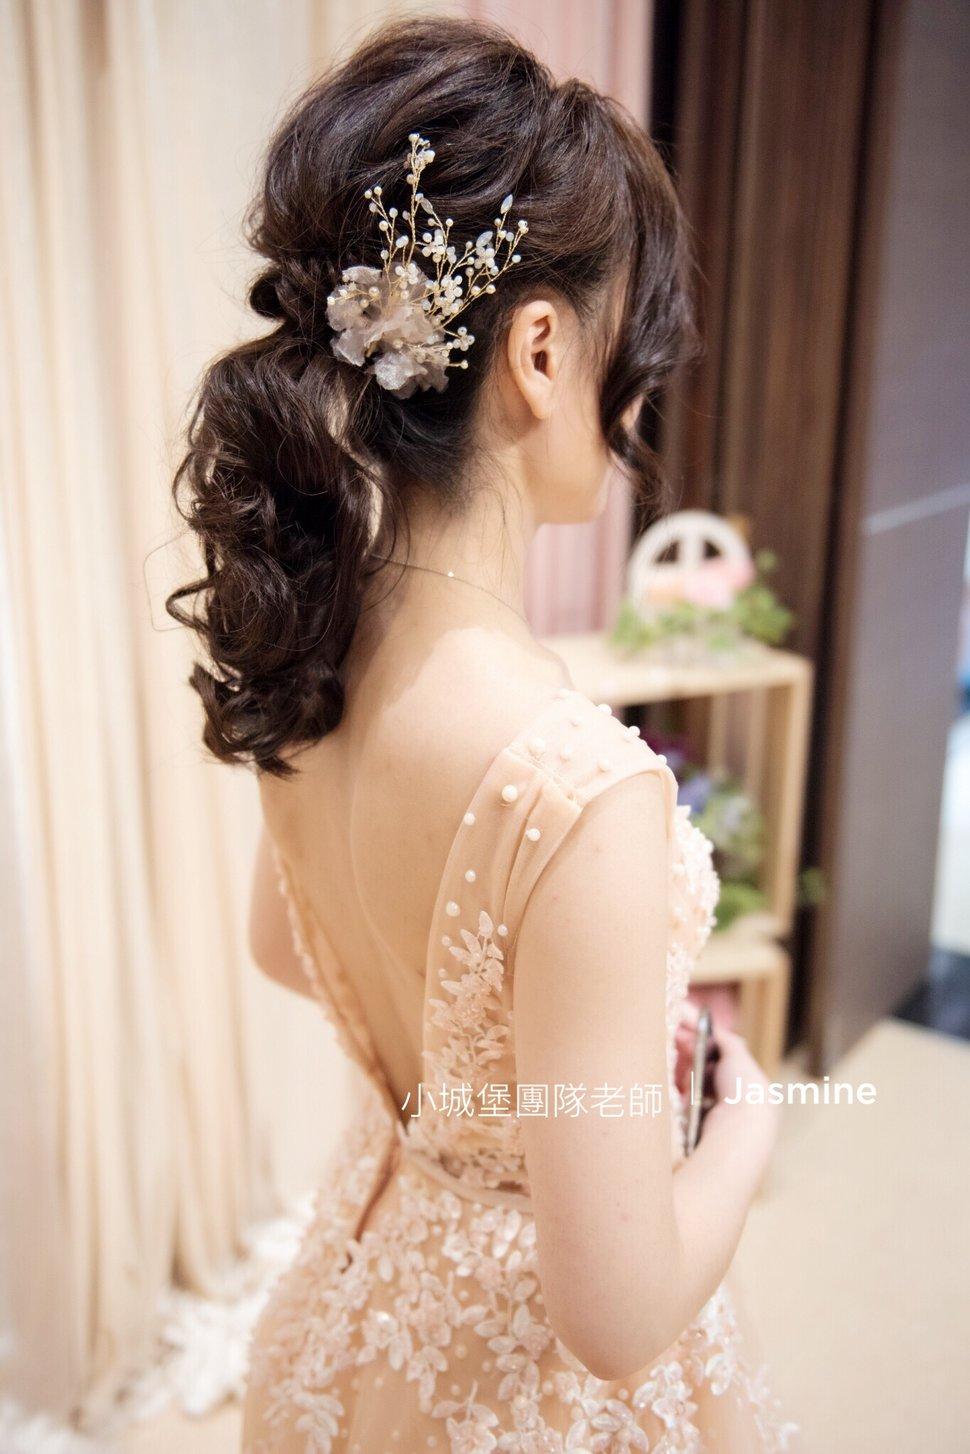 428E3788-BEB1-4E80-B5BF-262783654E40 - Jasmine Makeup新娘秘書《結婚吧》